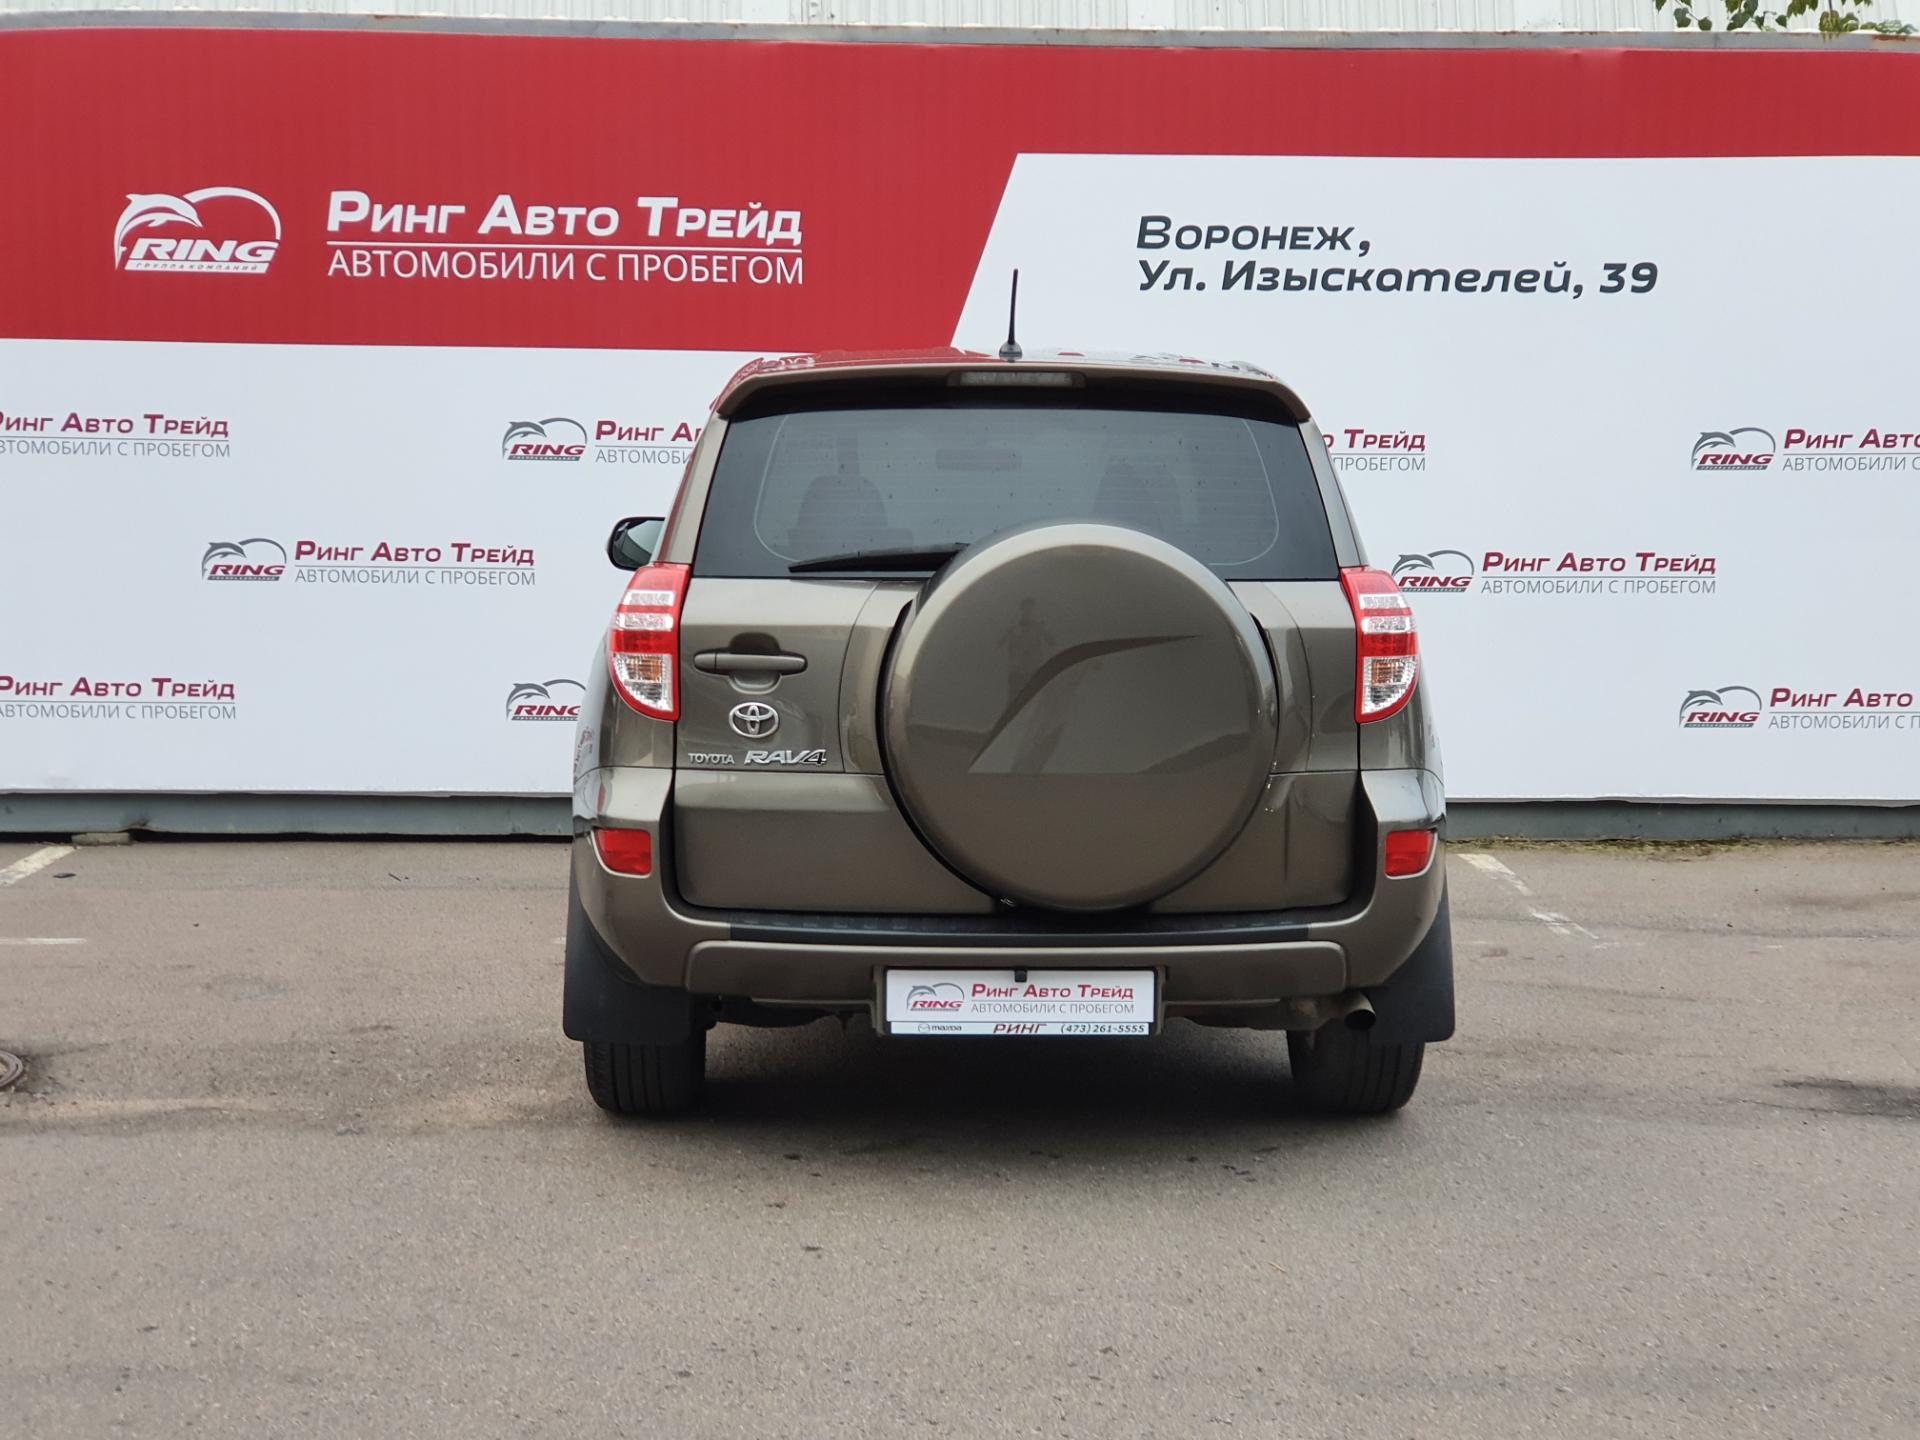 Toyota RAV4 Внедорожник (2012г.)